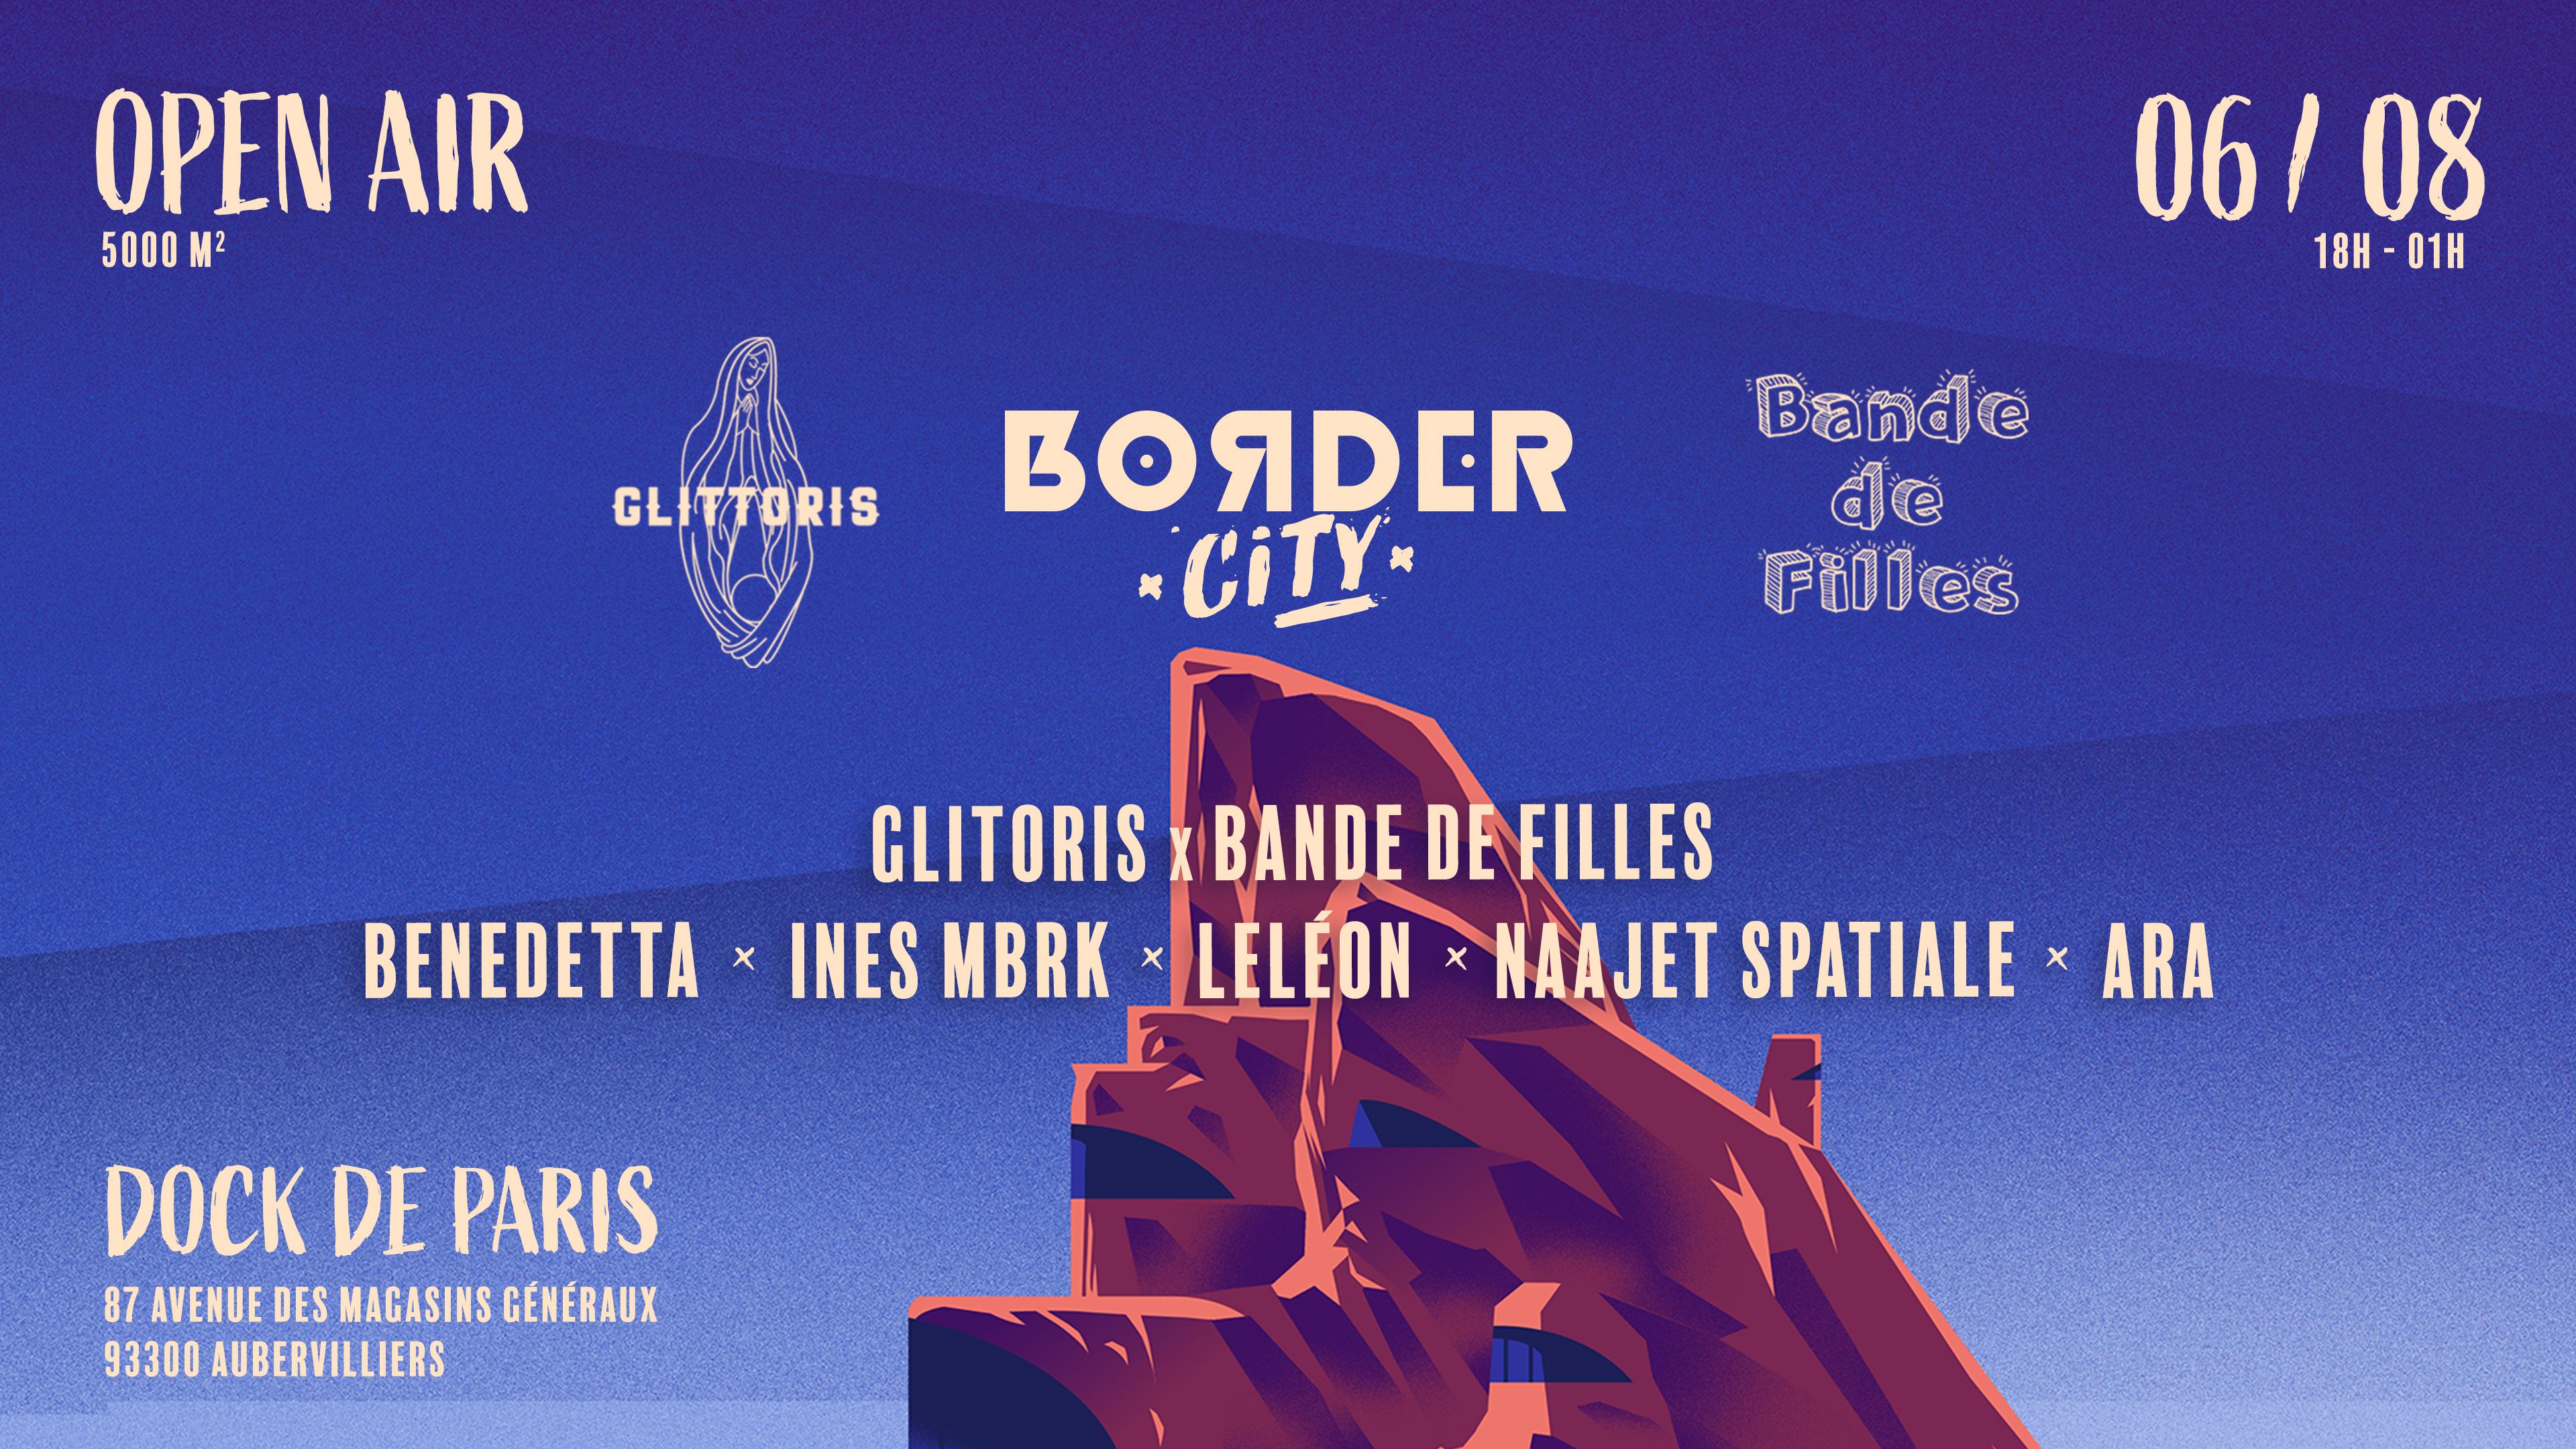 Border City x Glittoris x Bande de Filles